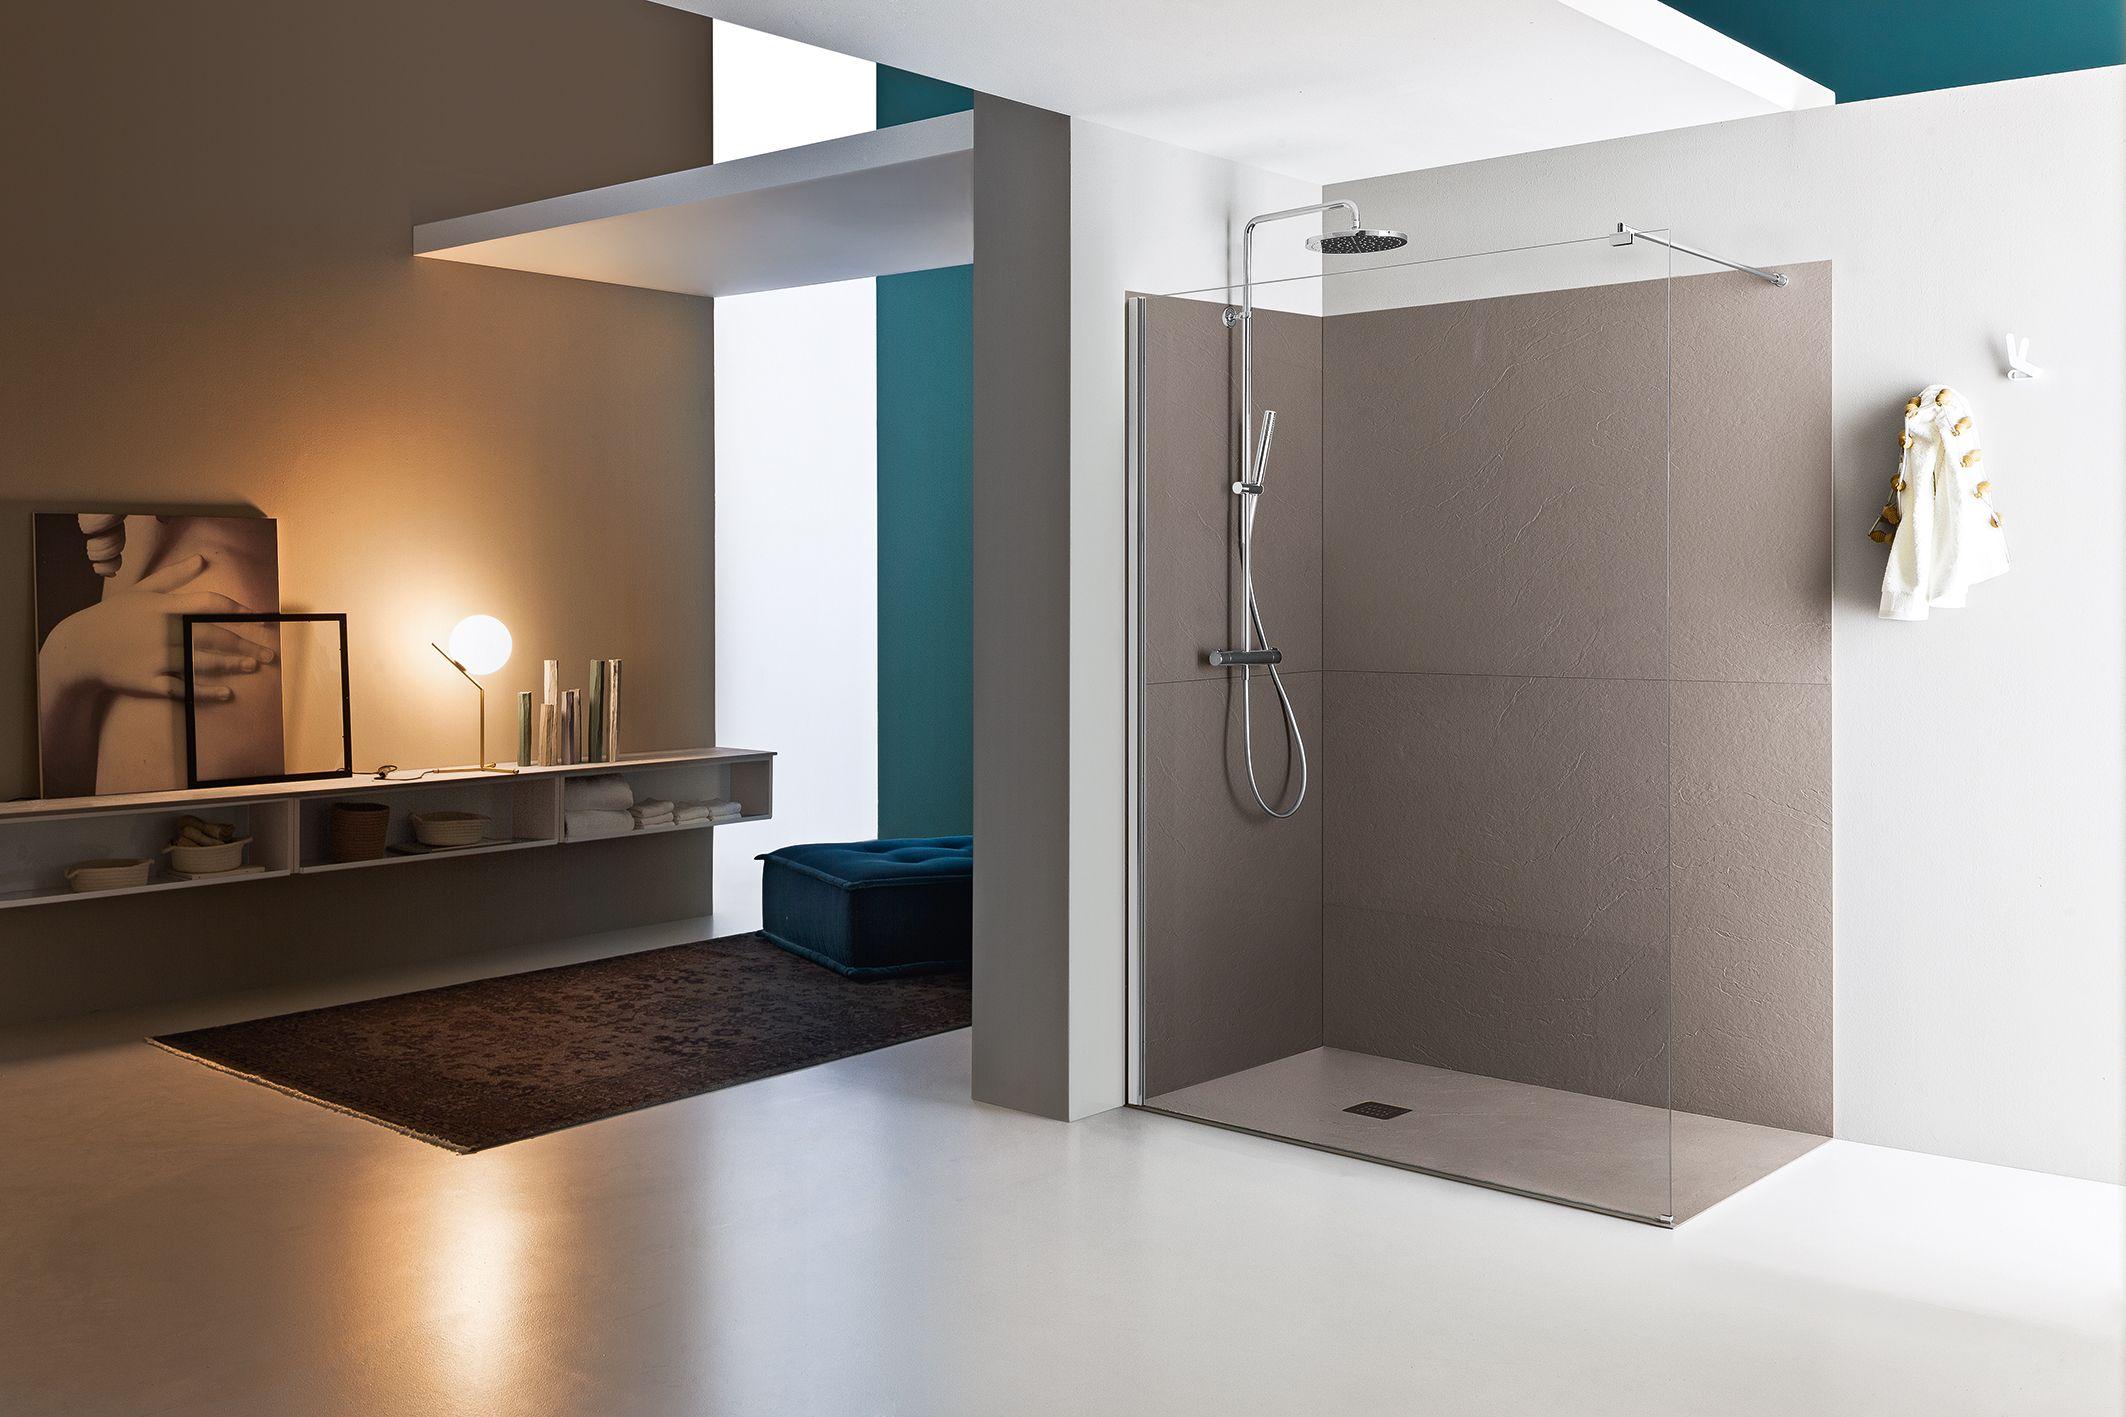 Cabine Doccia Complete : Box doccia senza telaio rci u2013 riscaldamento climatizzazione idronica